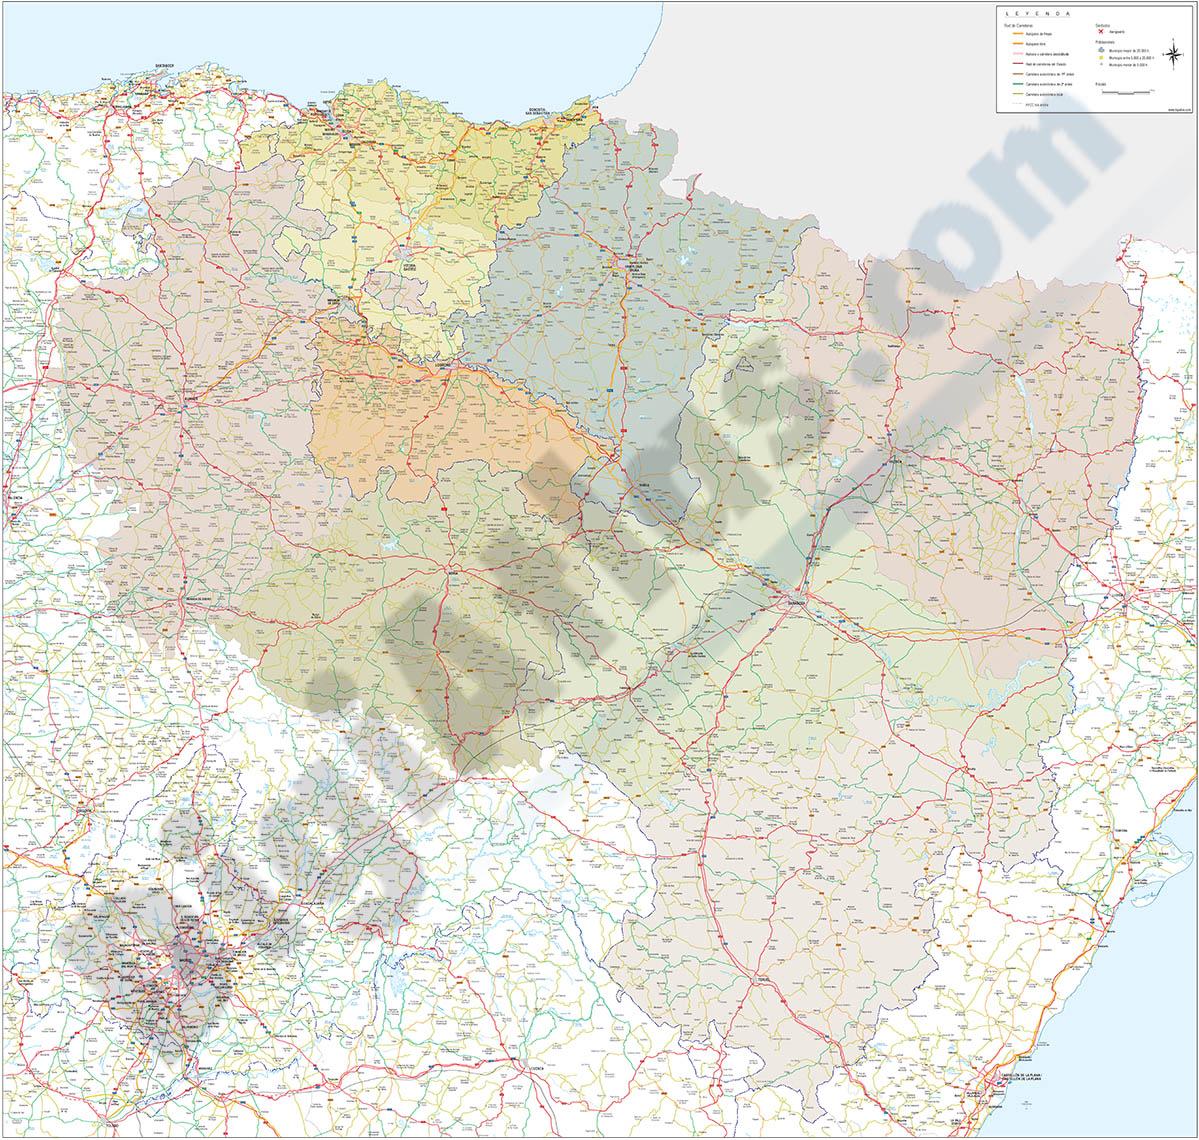 Map of  Basque Country, Navarra, La Rioja, Burgos, Soria and Aragón